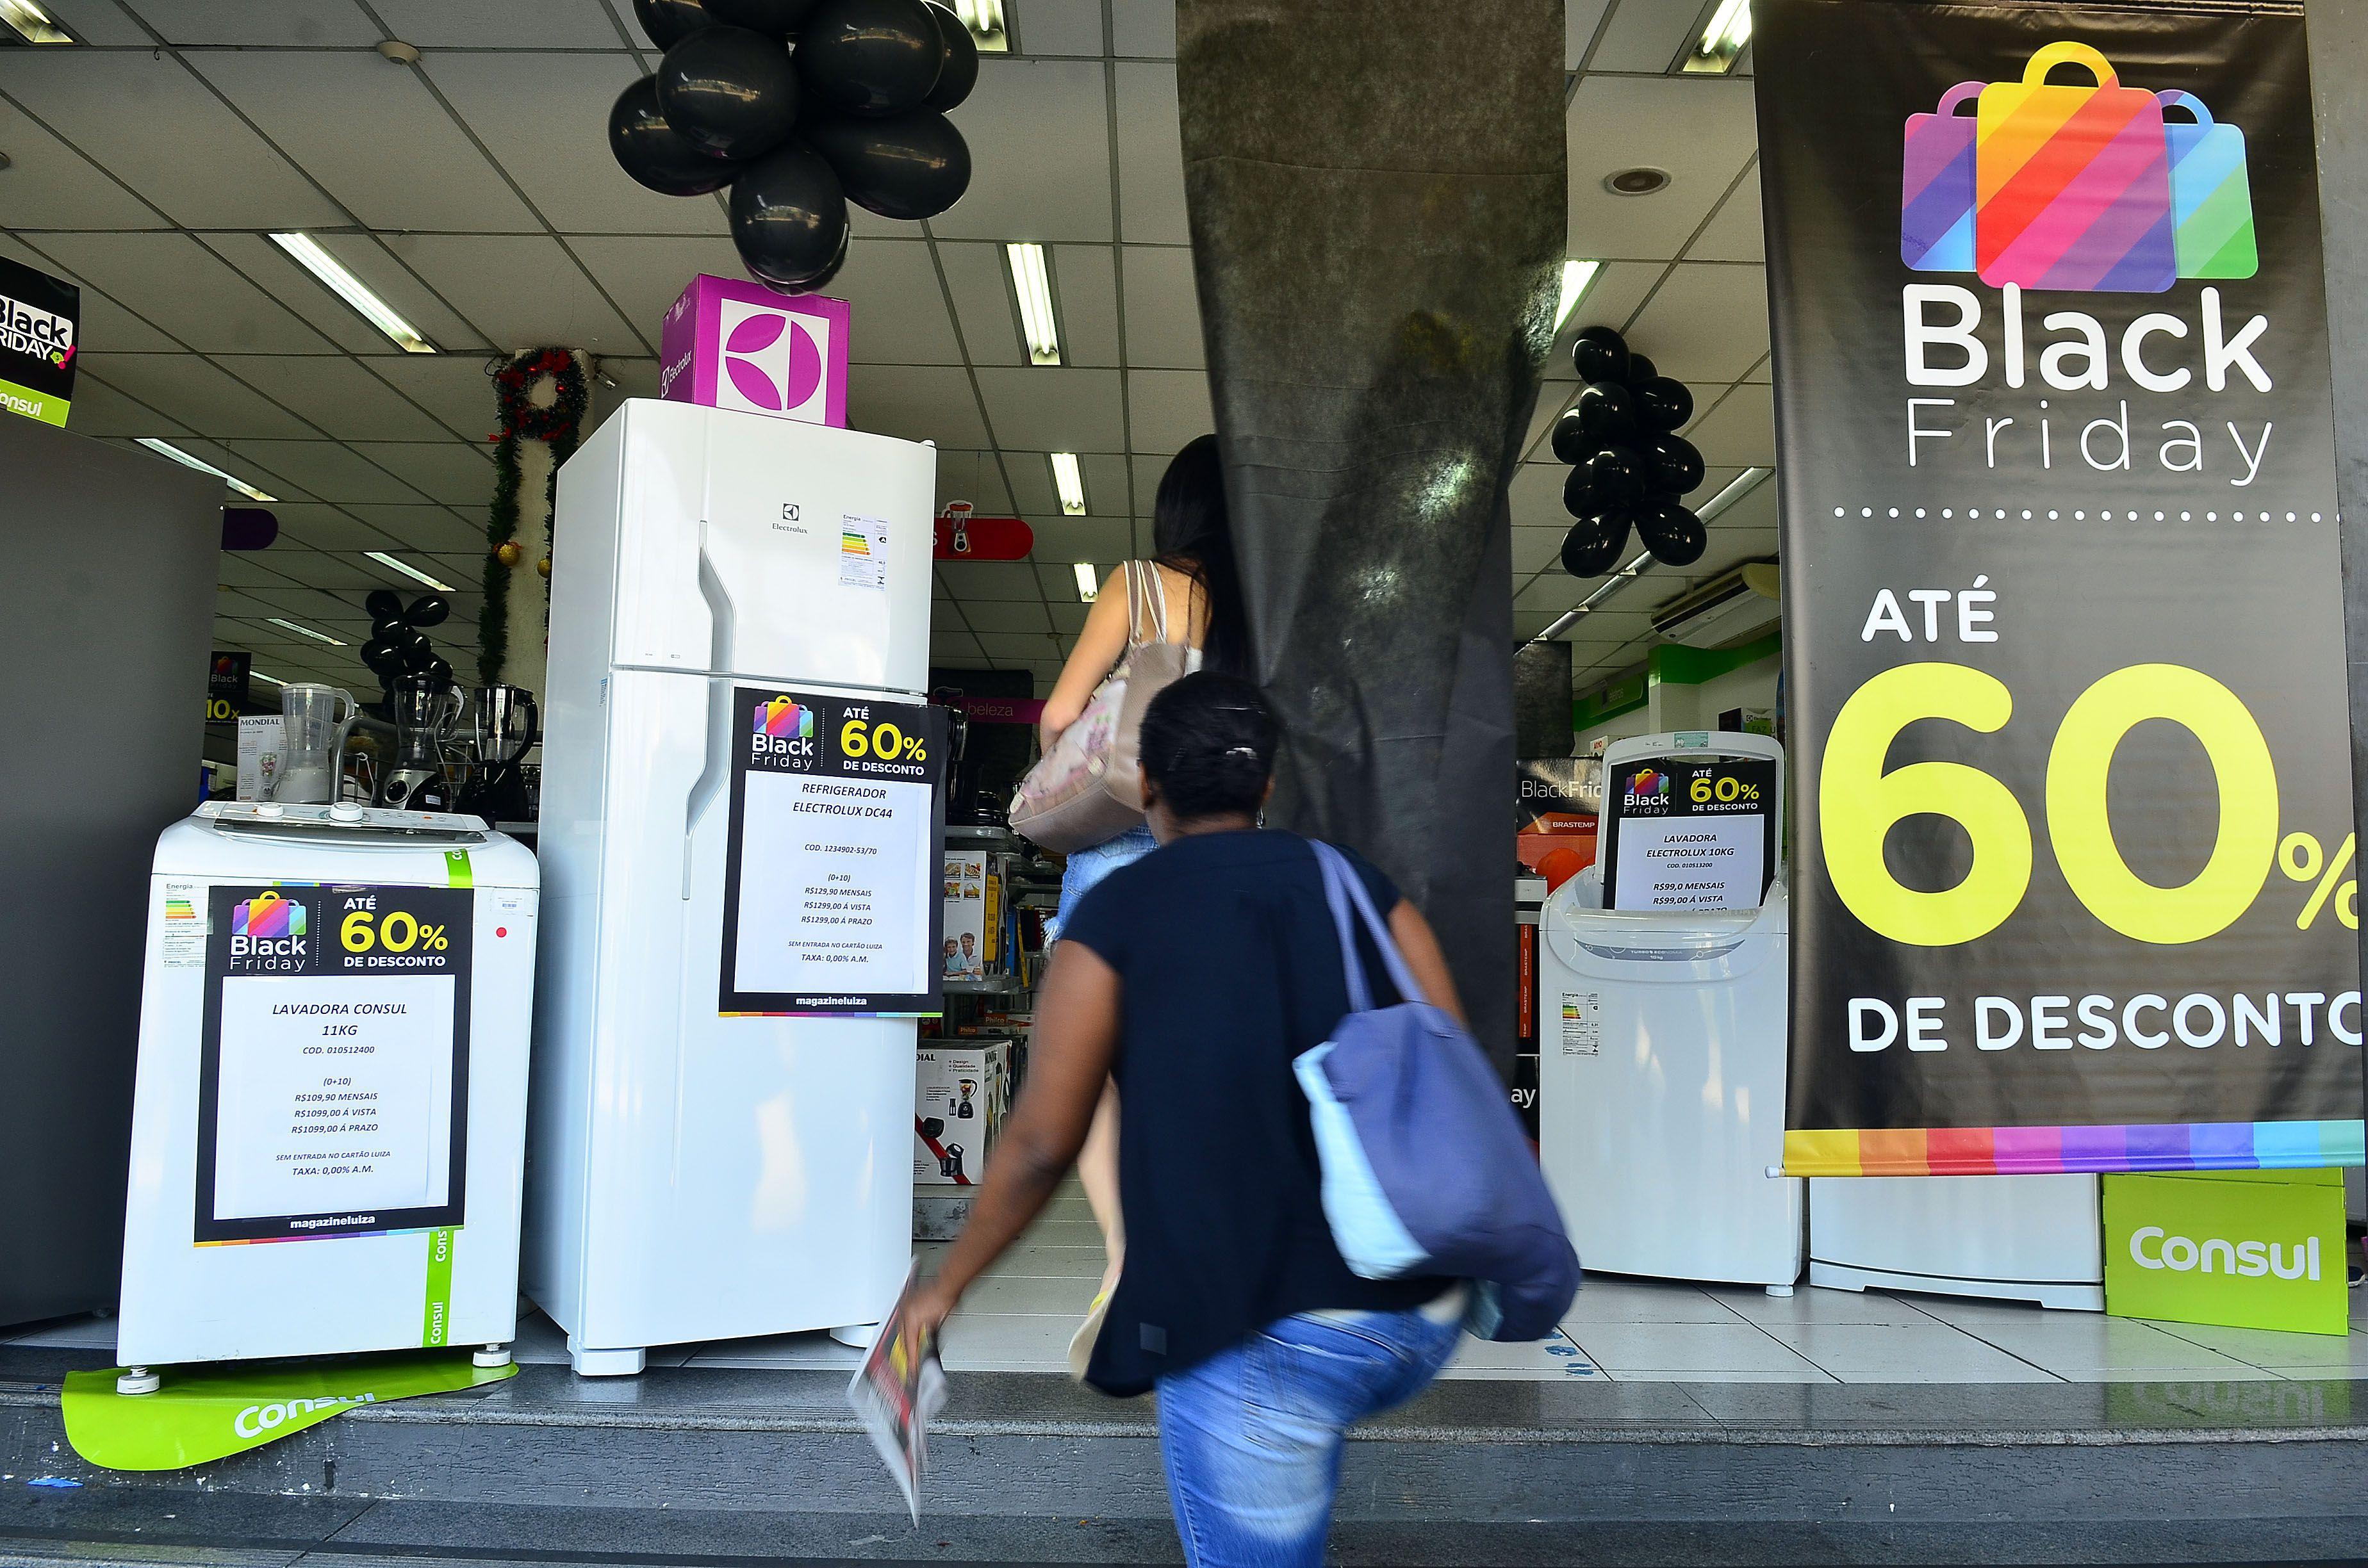 ed62798dc3 Comerciantes prepararam ofertas especiais para a Black Friday Foto  Agência  Brasil